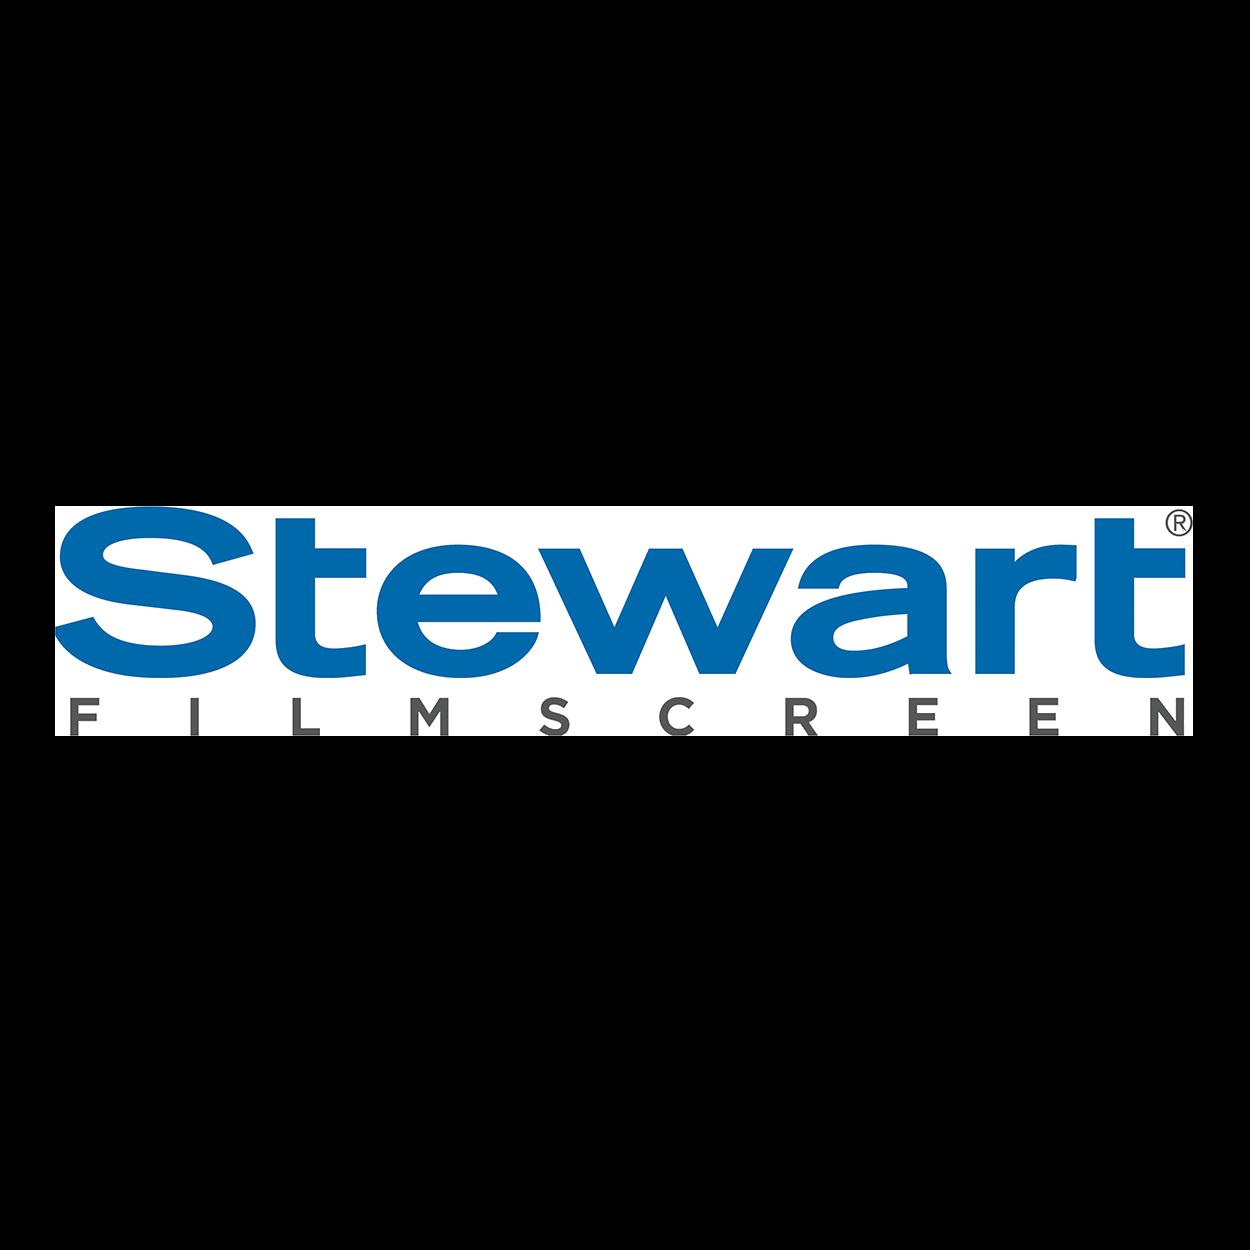 stewartfilm.png